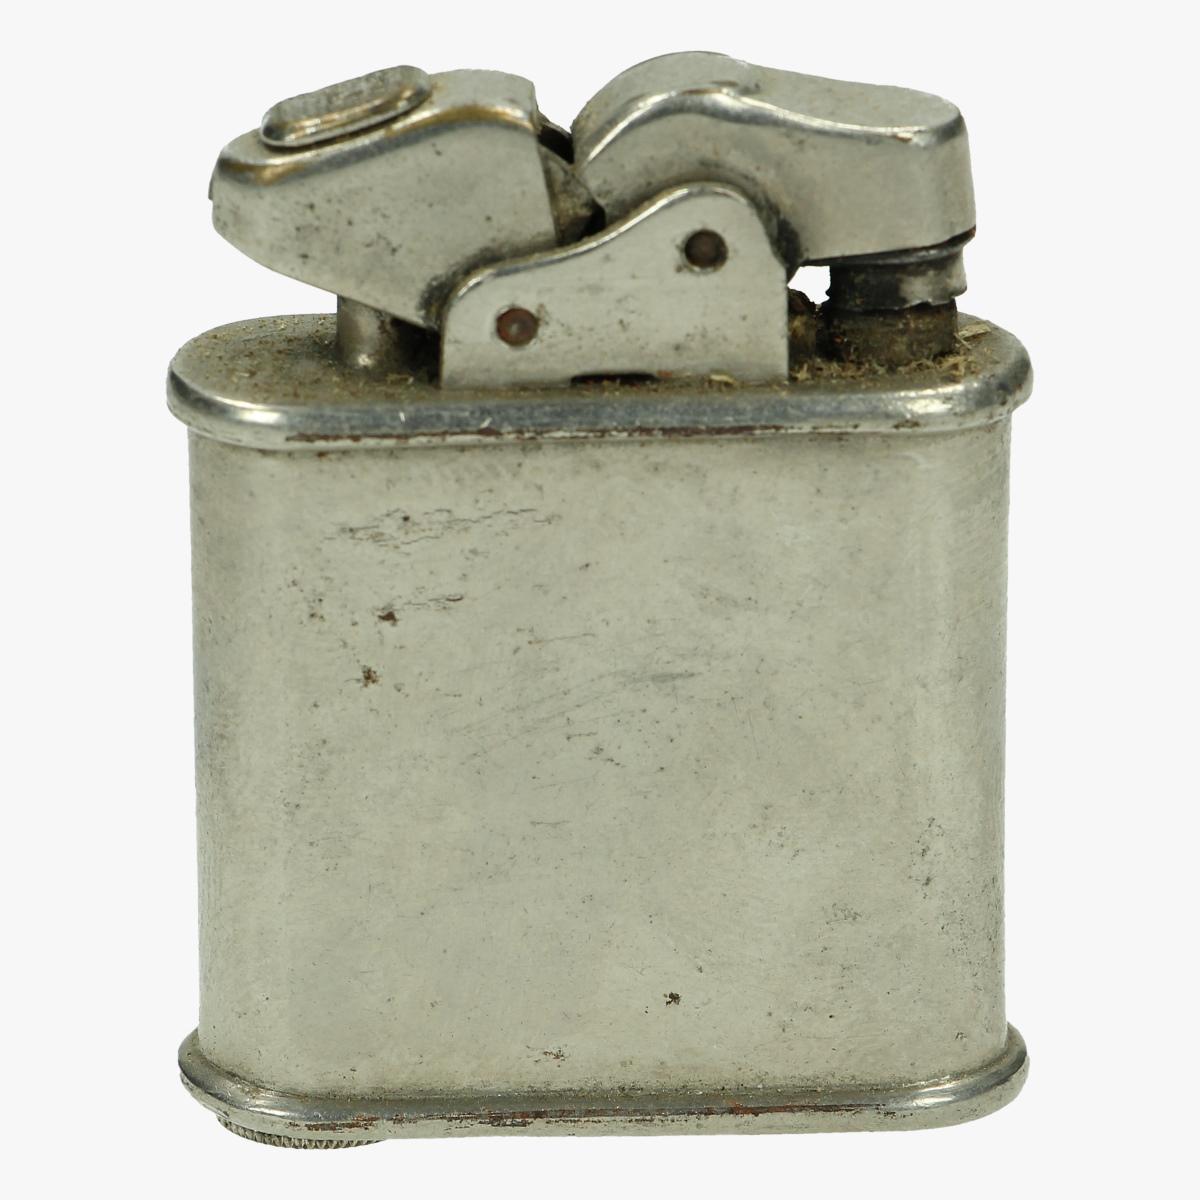 Afbeeldingen van oude aansteker oriflam thorens  swiss made brit pat.